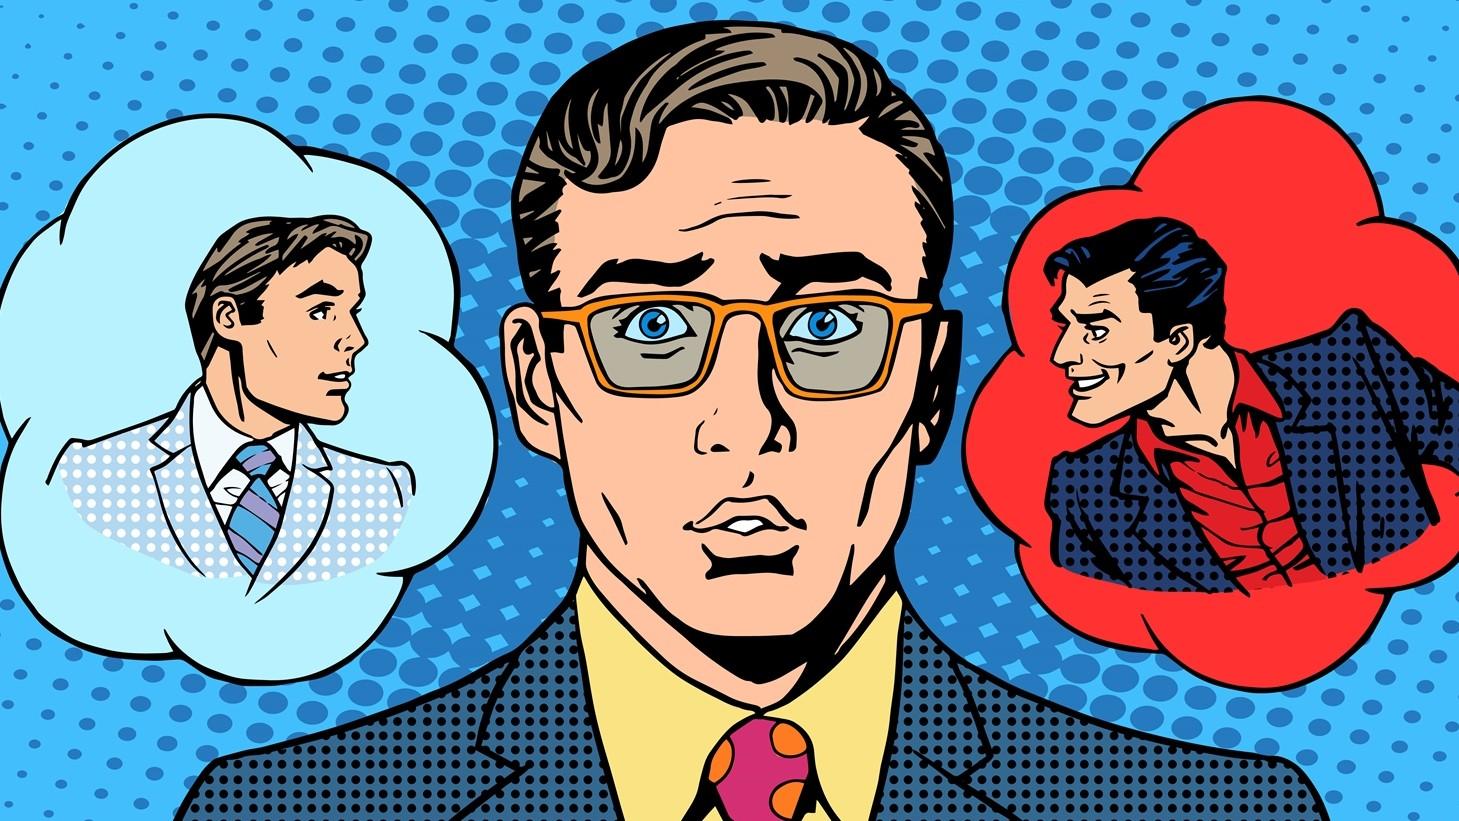 8 психологических приемов для привлечения и убеждения аудитории